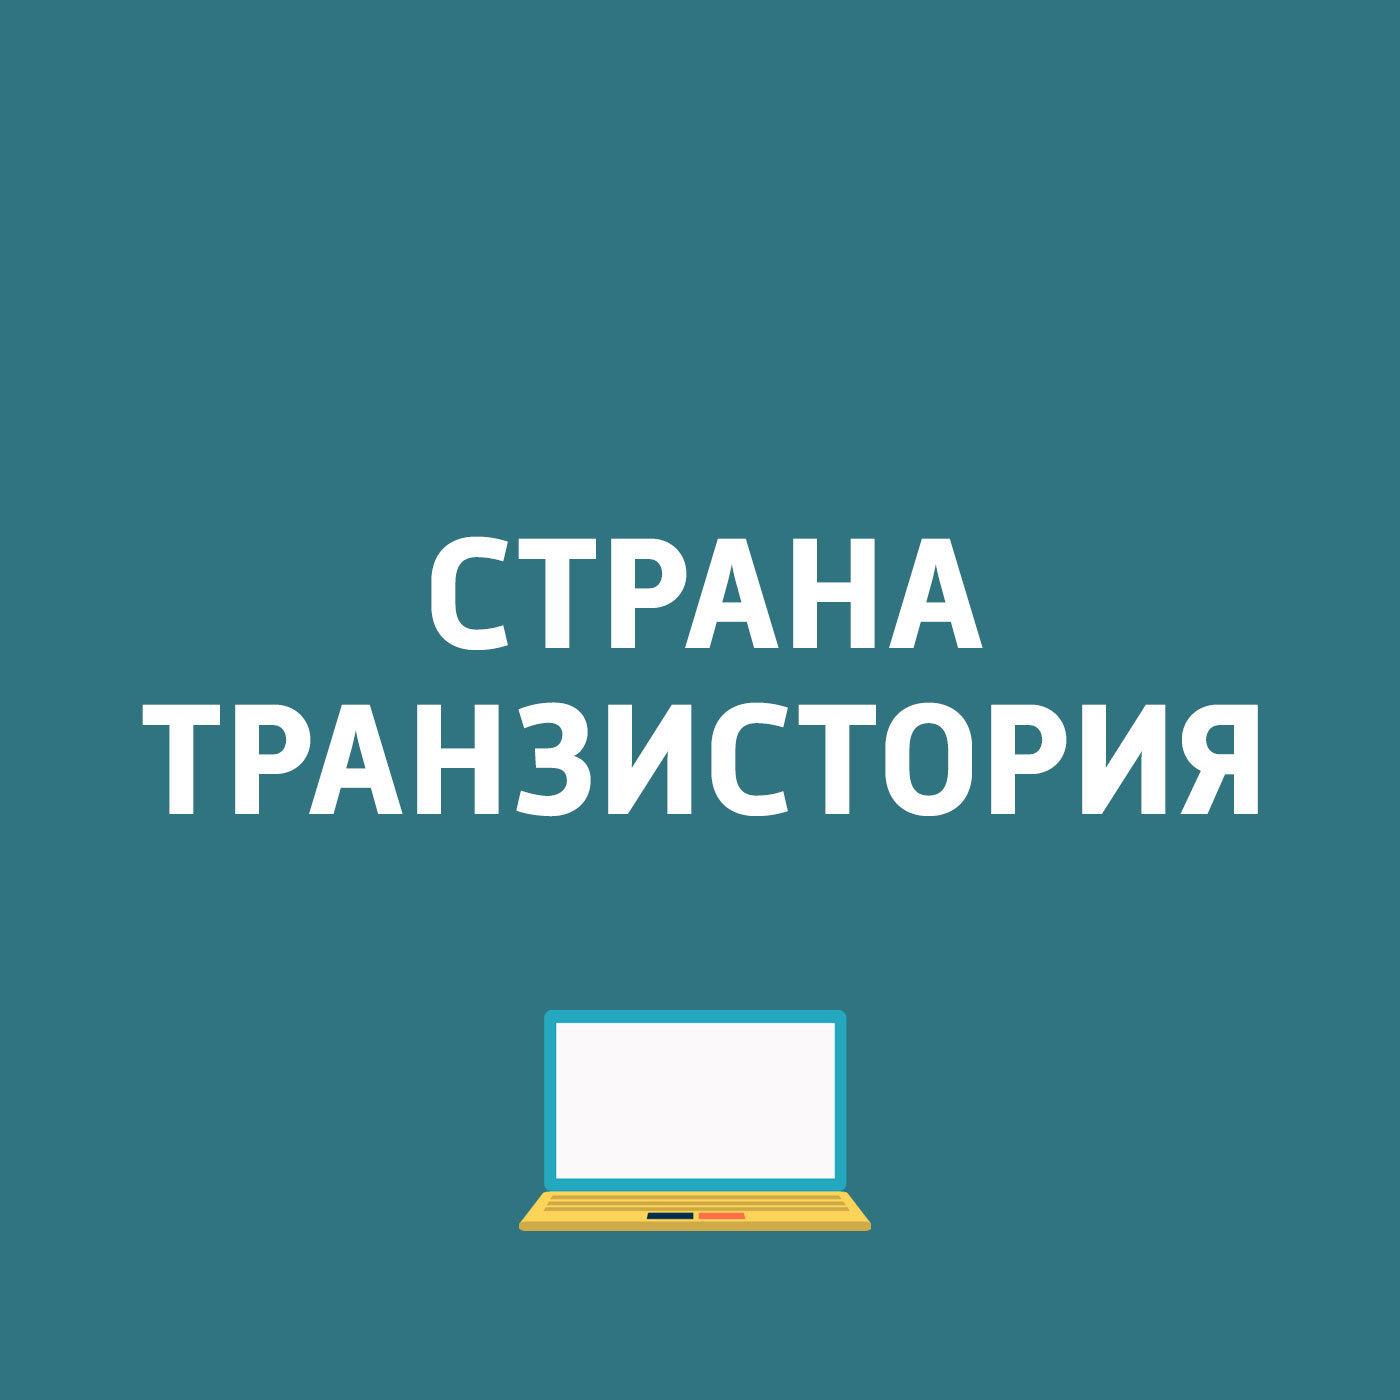 Картаев Павел Новые подробности о смартфоне LG V30 sabaton sabaton heroes on tour